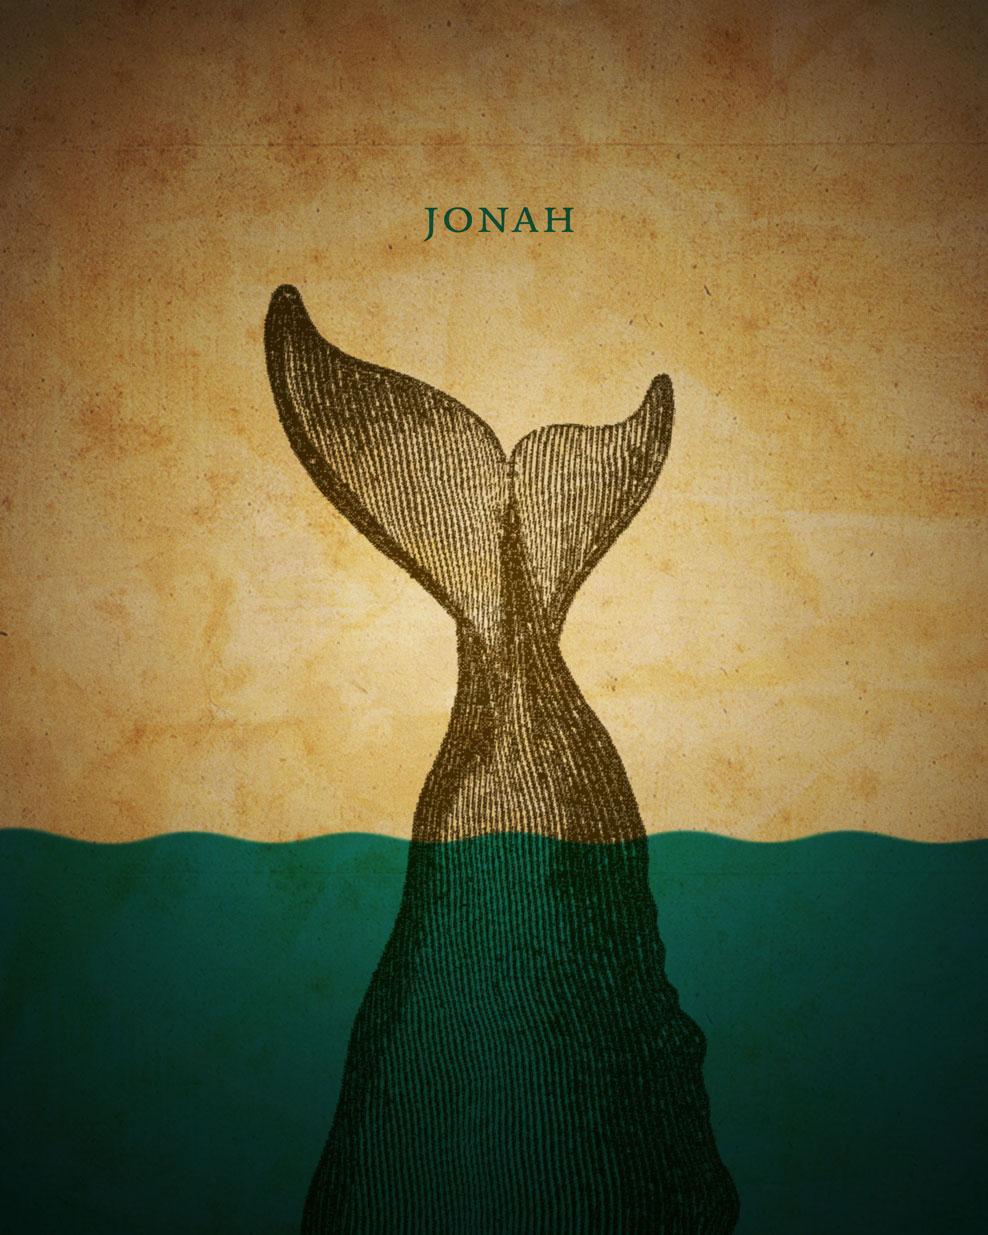 32-Jonah_988.jpg